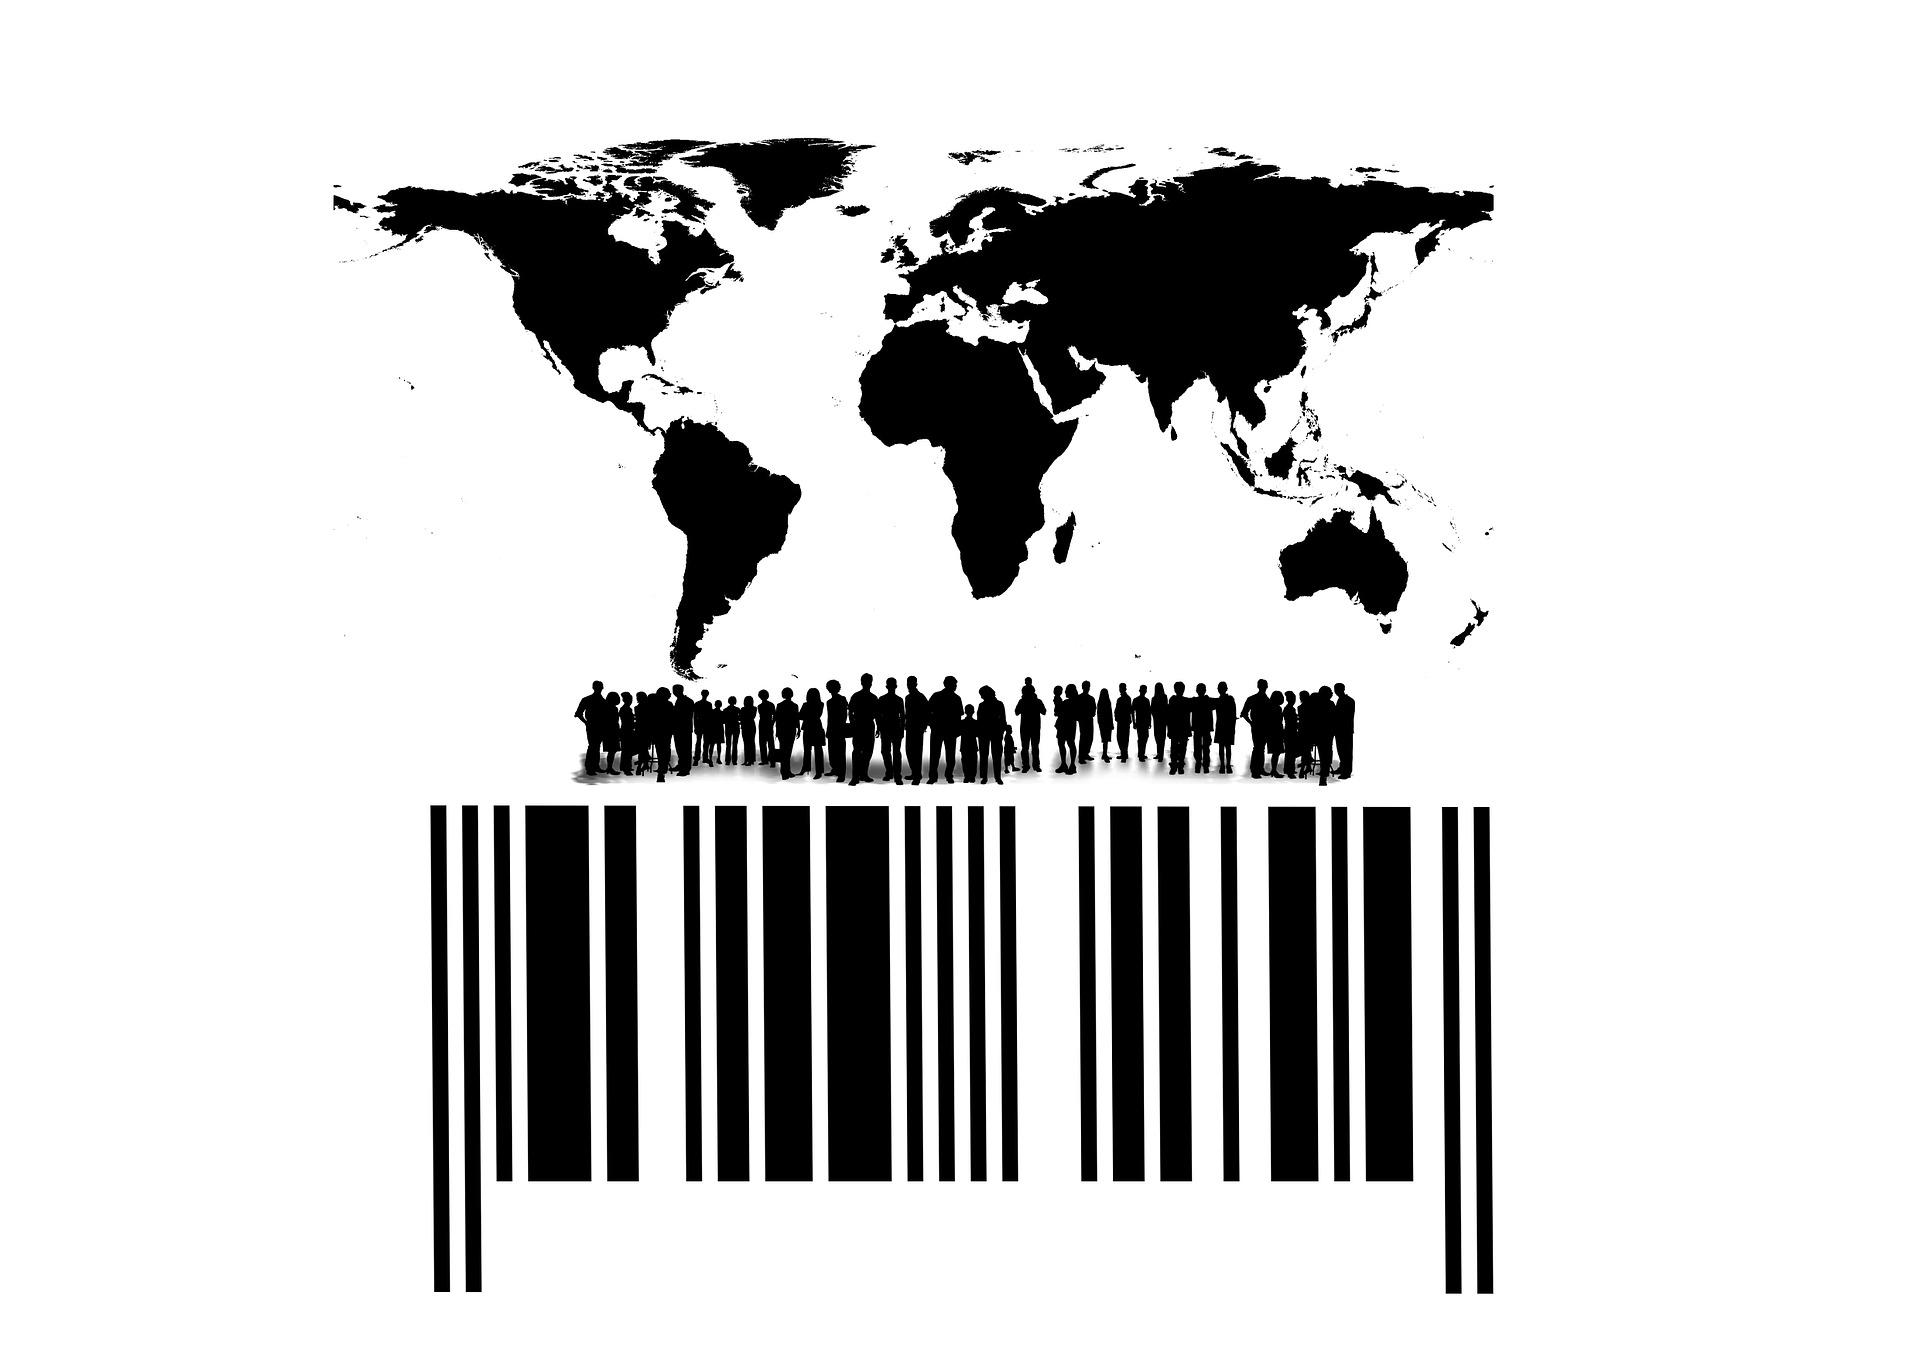 Czytanie informacji z etykiet produktów